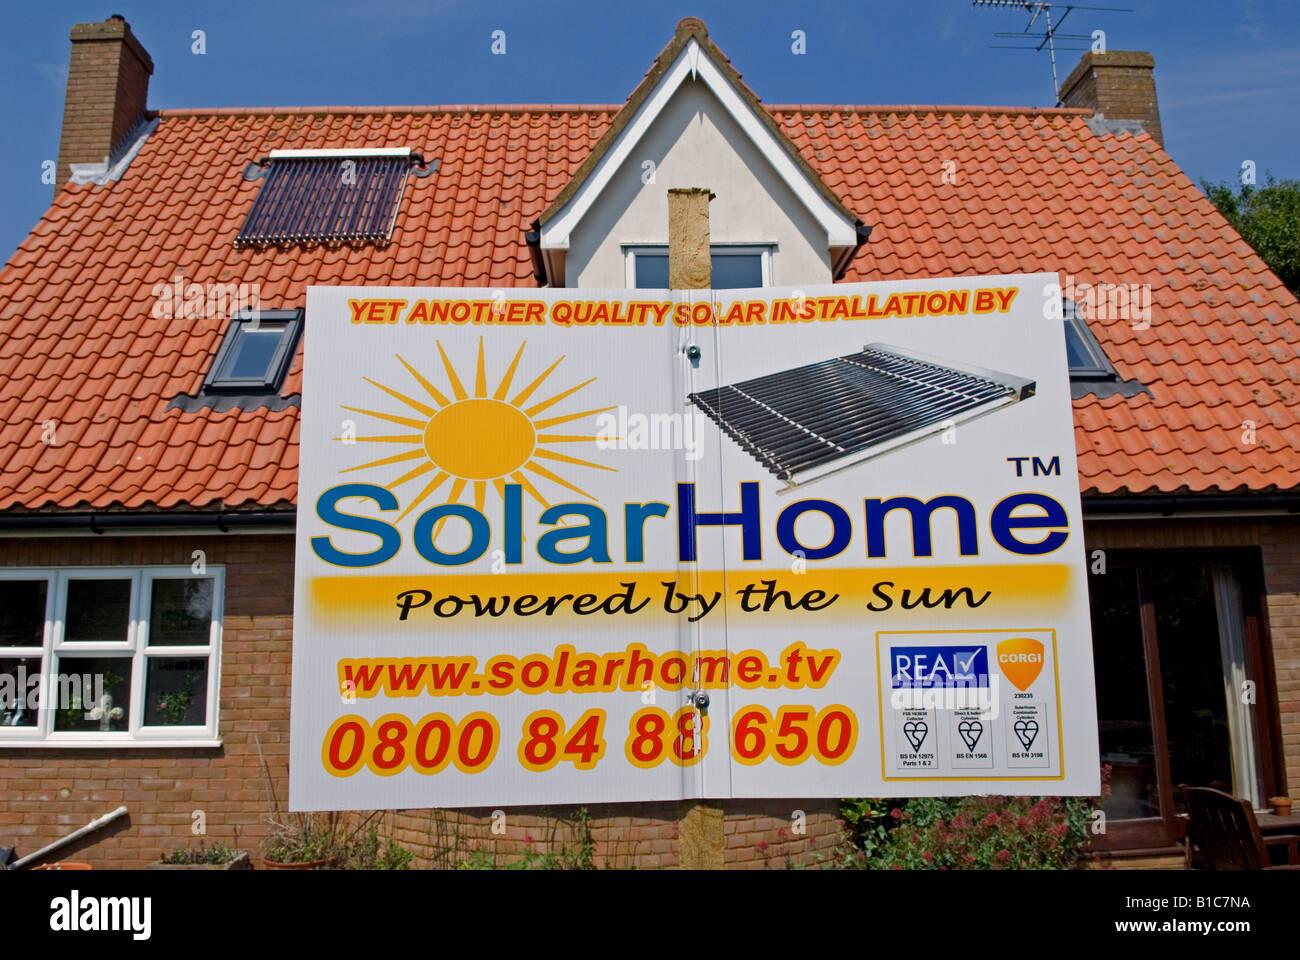 Great Wohneigentum Mit Einer Auf Dem Dach Solar Warmwasser Heizung Ausgestattet.